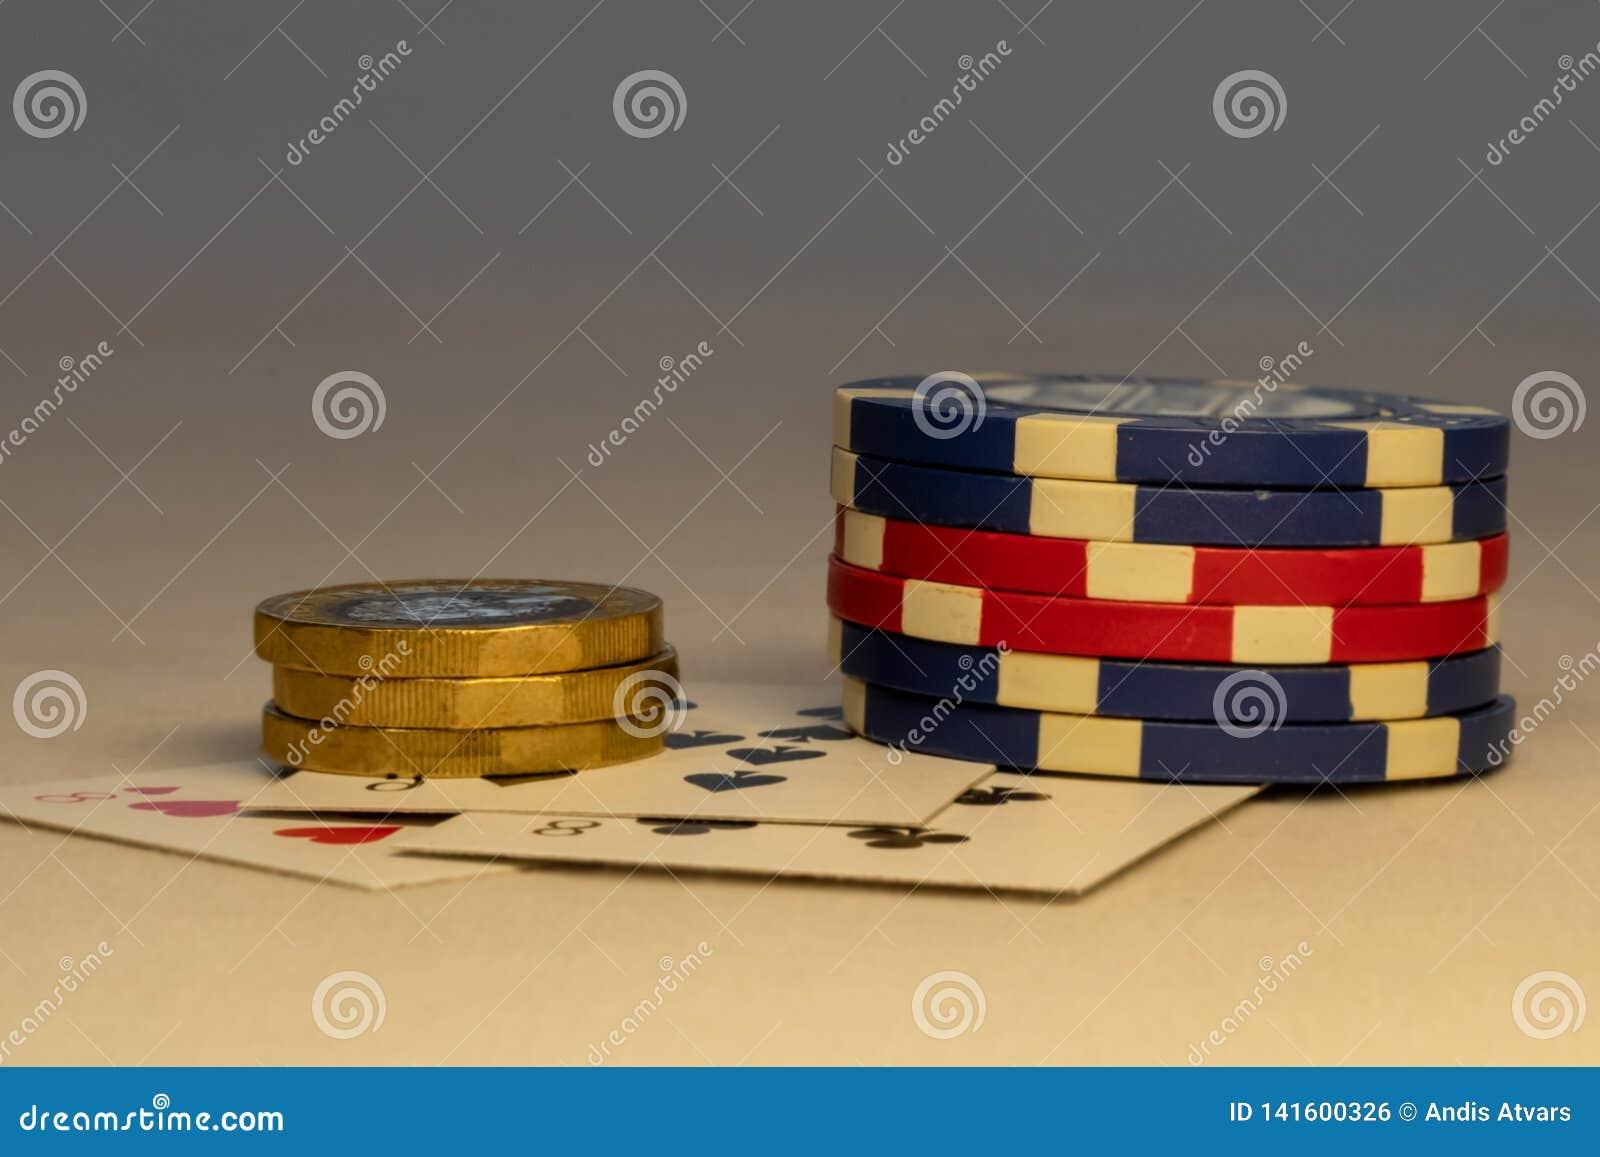 放下在与硬币和卡片的桌上的束芯片在背景中 赌博娱乐场和赌博的概念